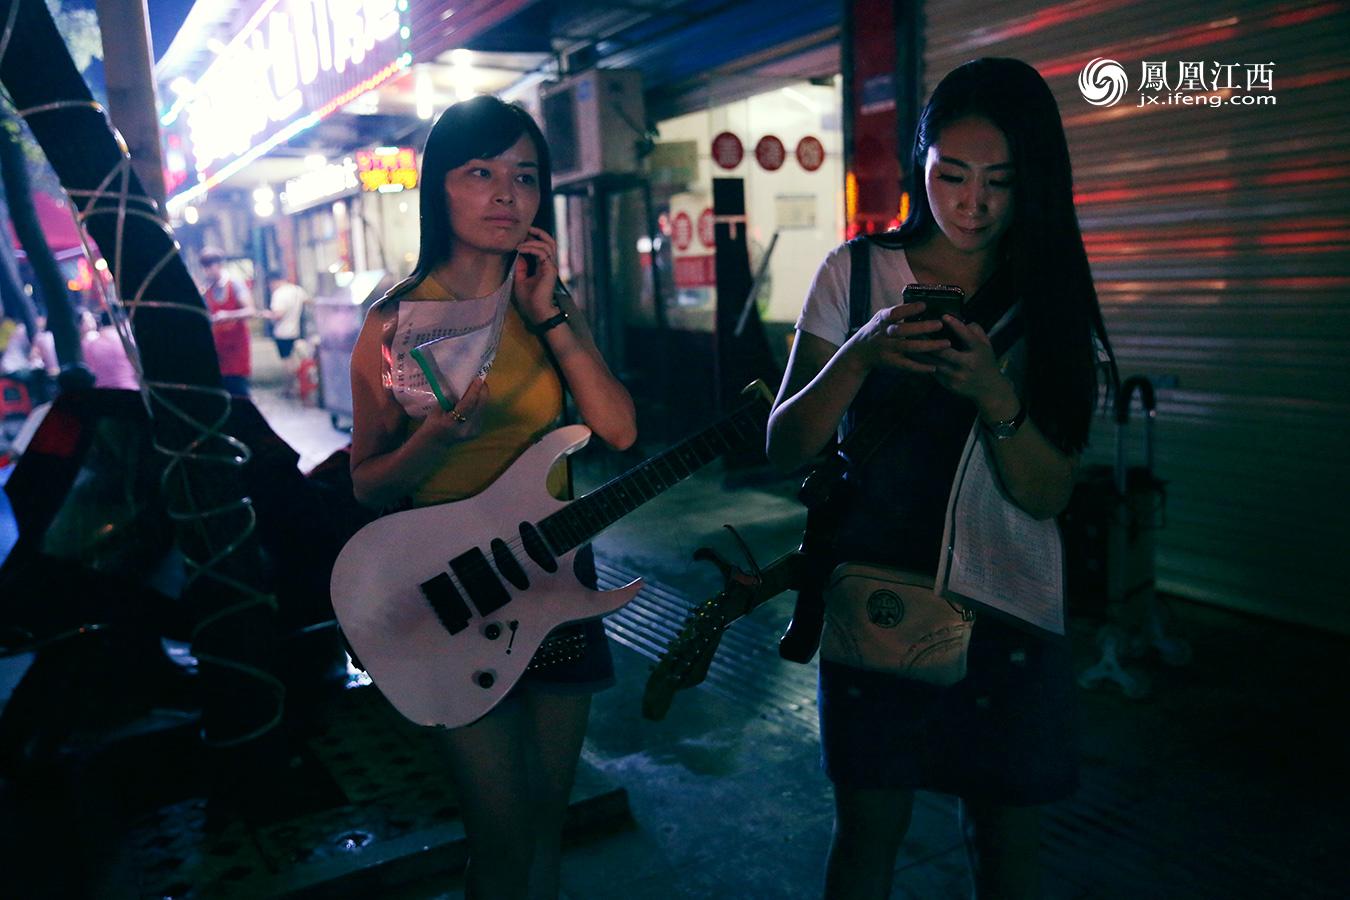 每晚都能看到两个背着吉他的女孩穿流